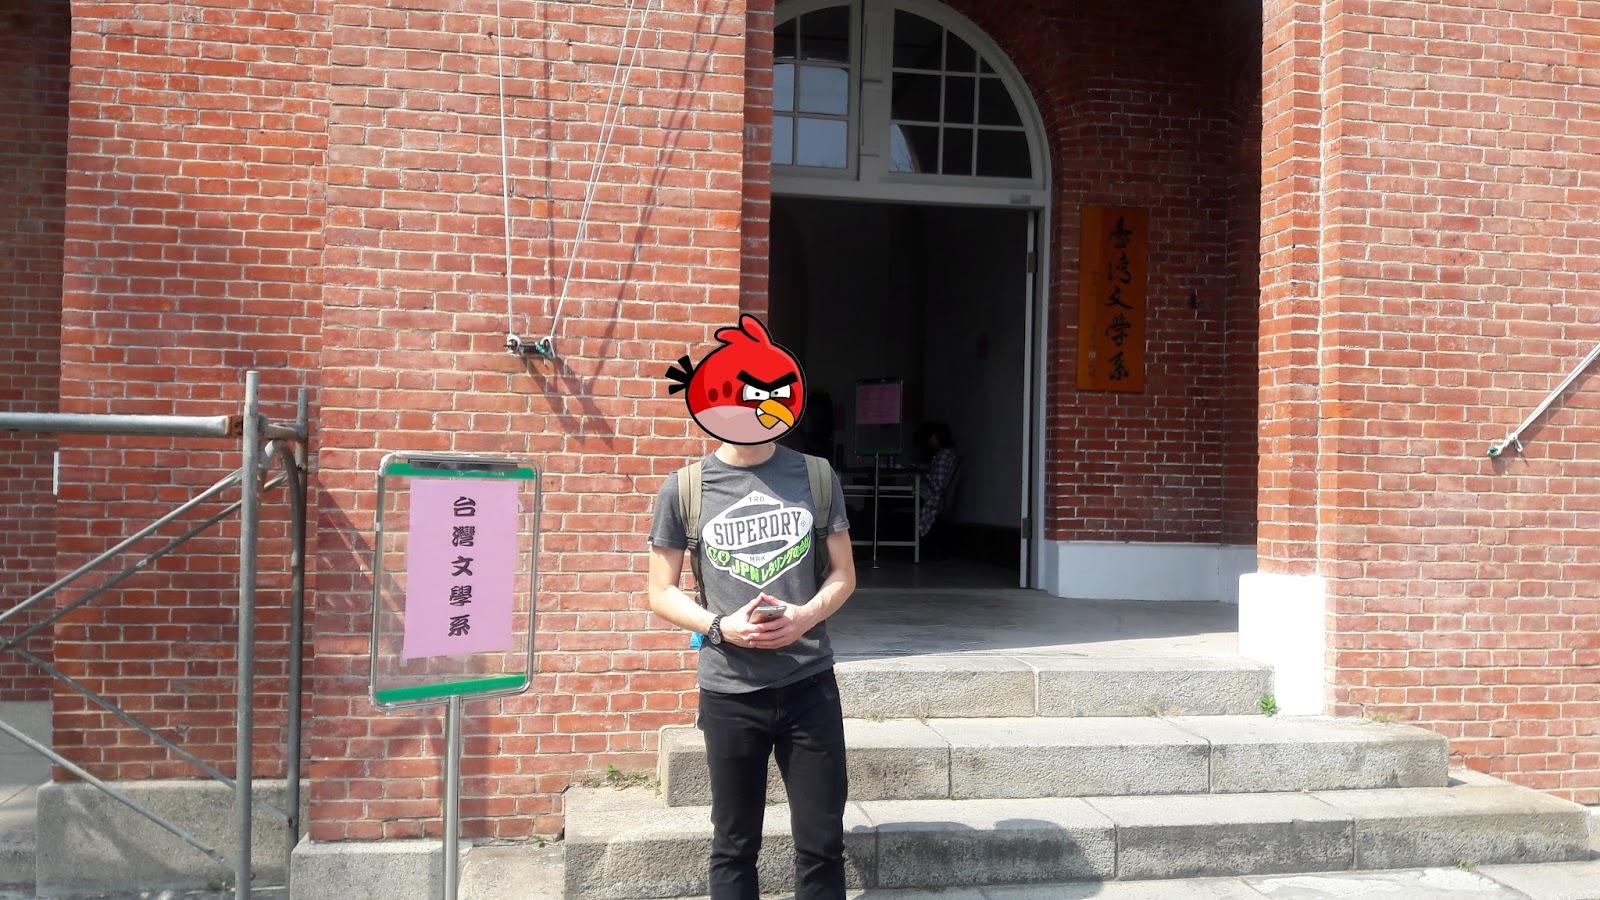 20160409 143242 - 國立成功大學 - 台灣文學系(成大台文系) 面試心得、備審資料參考